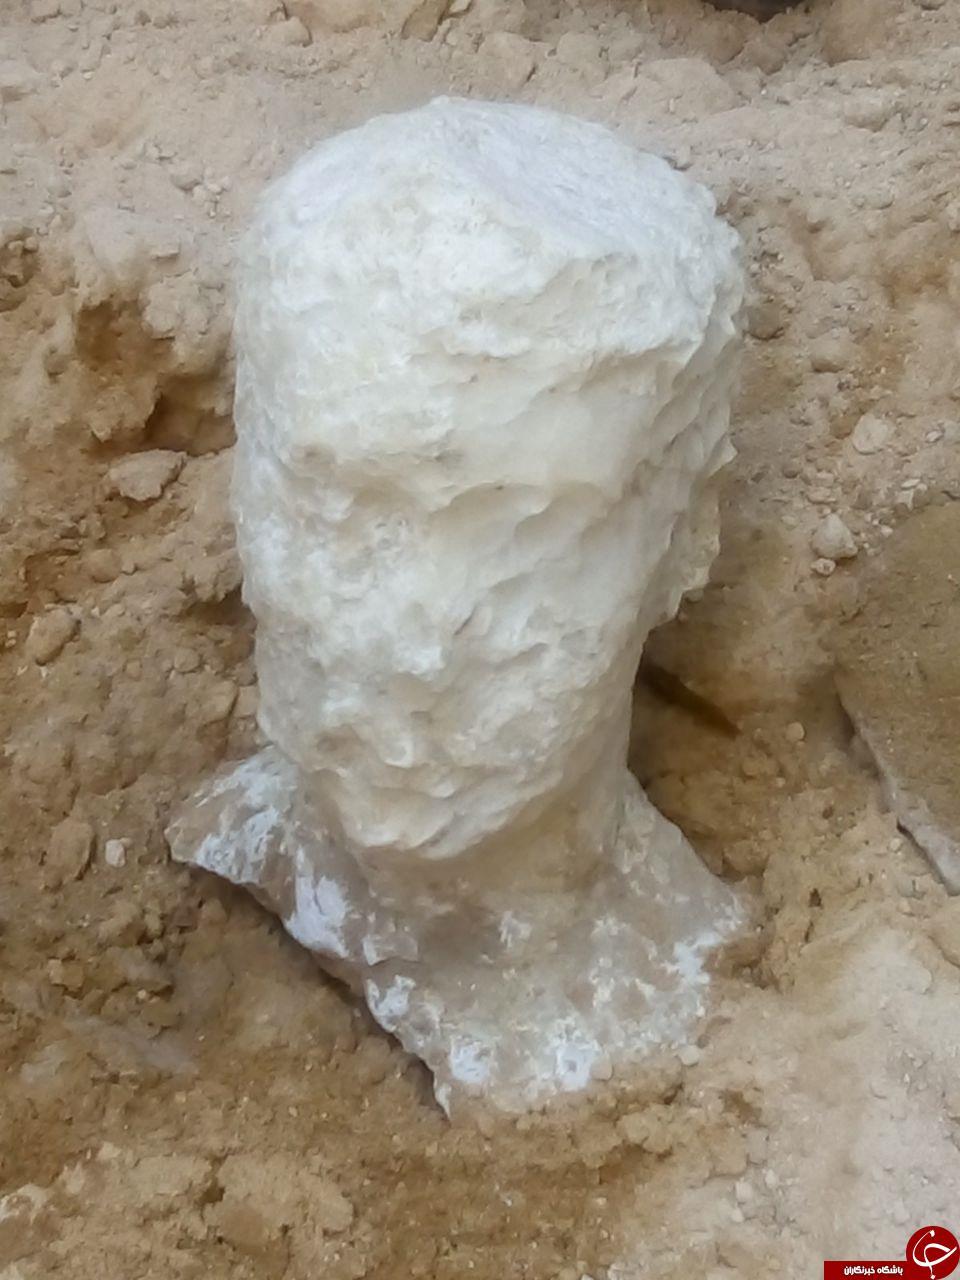 کشف یک تابوت سیاه مرموز در مصر + تصاویر//